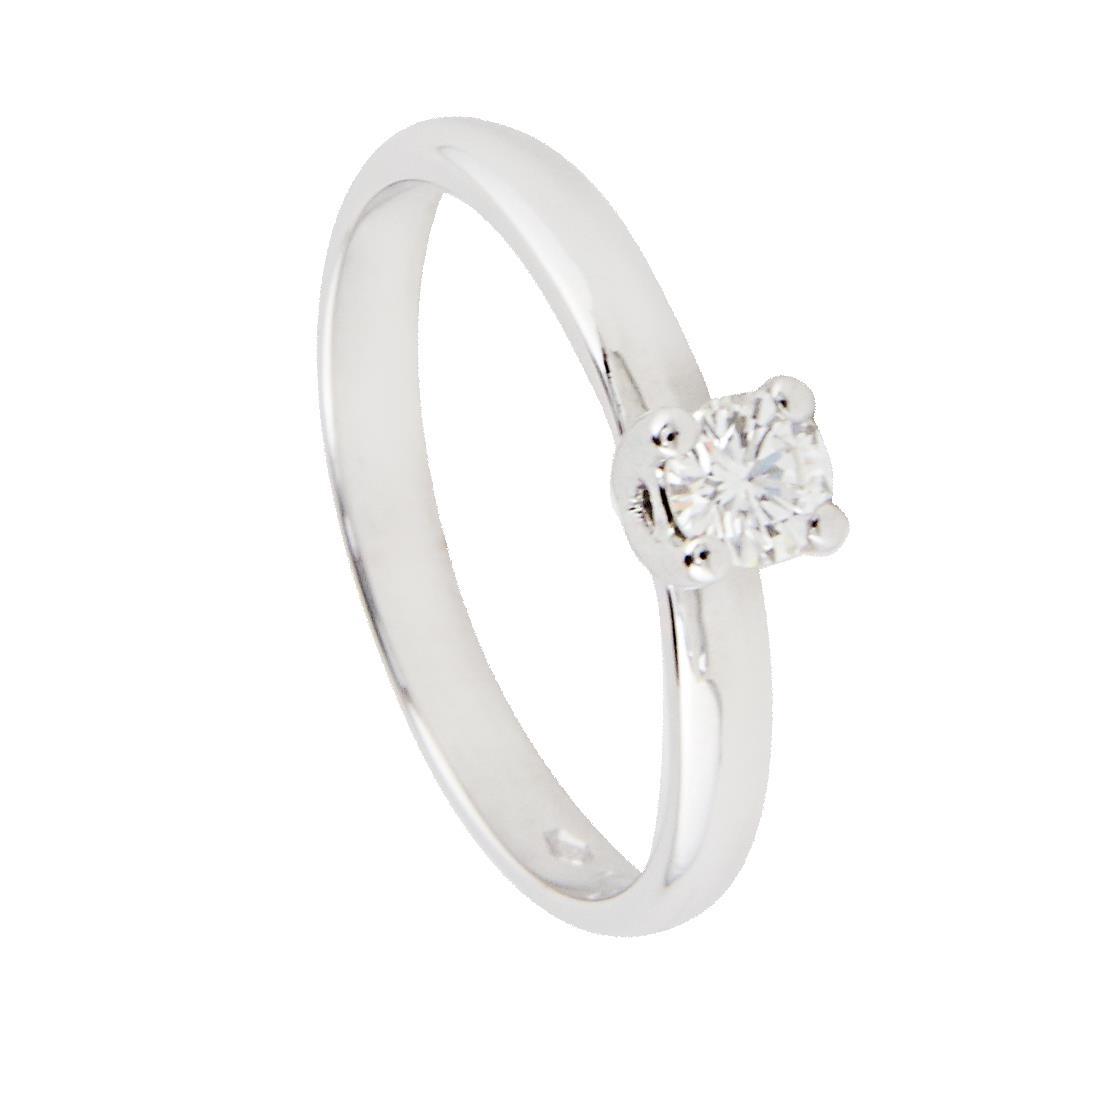 Anello solitario in oro bianco con diamante ct 0.22 colore G, purezza VS1, misura 13 - ALFIERI & ST. JOHN